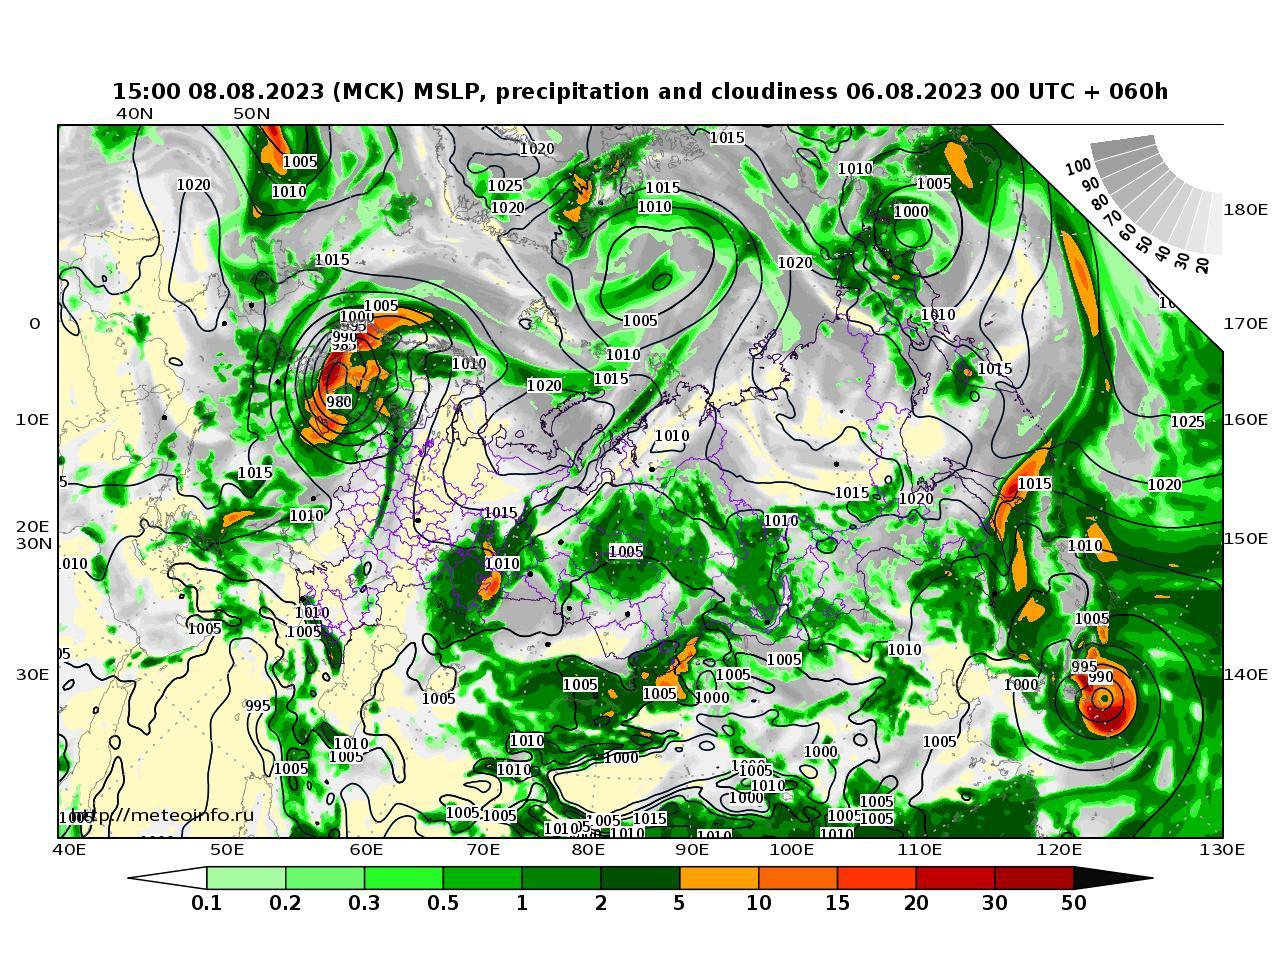 Россия, прогностическая карта осадки и давление, заблаговременность прогноза 60 часов